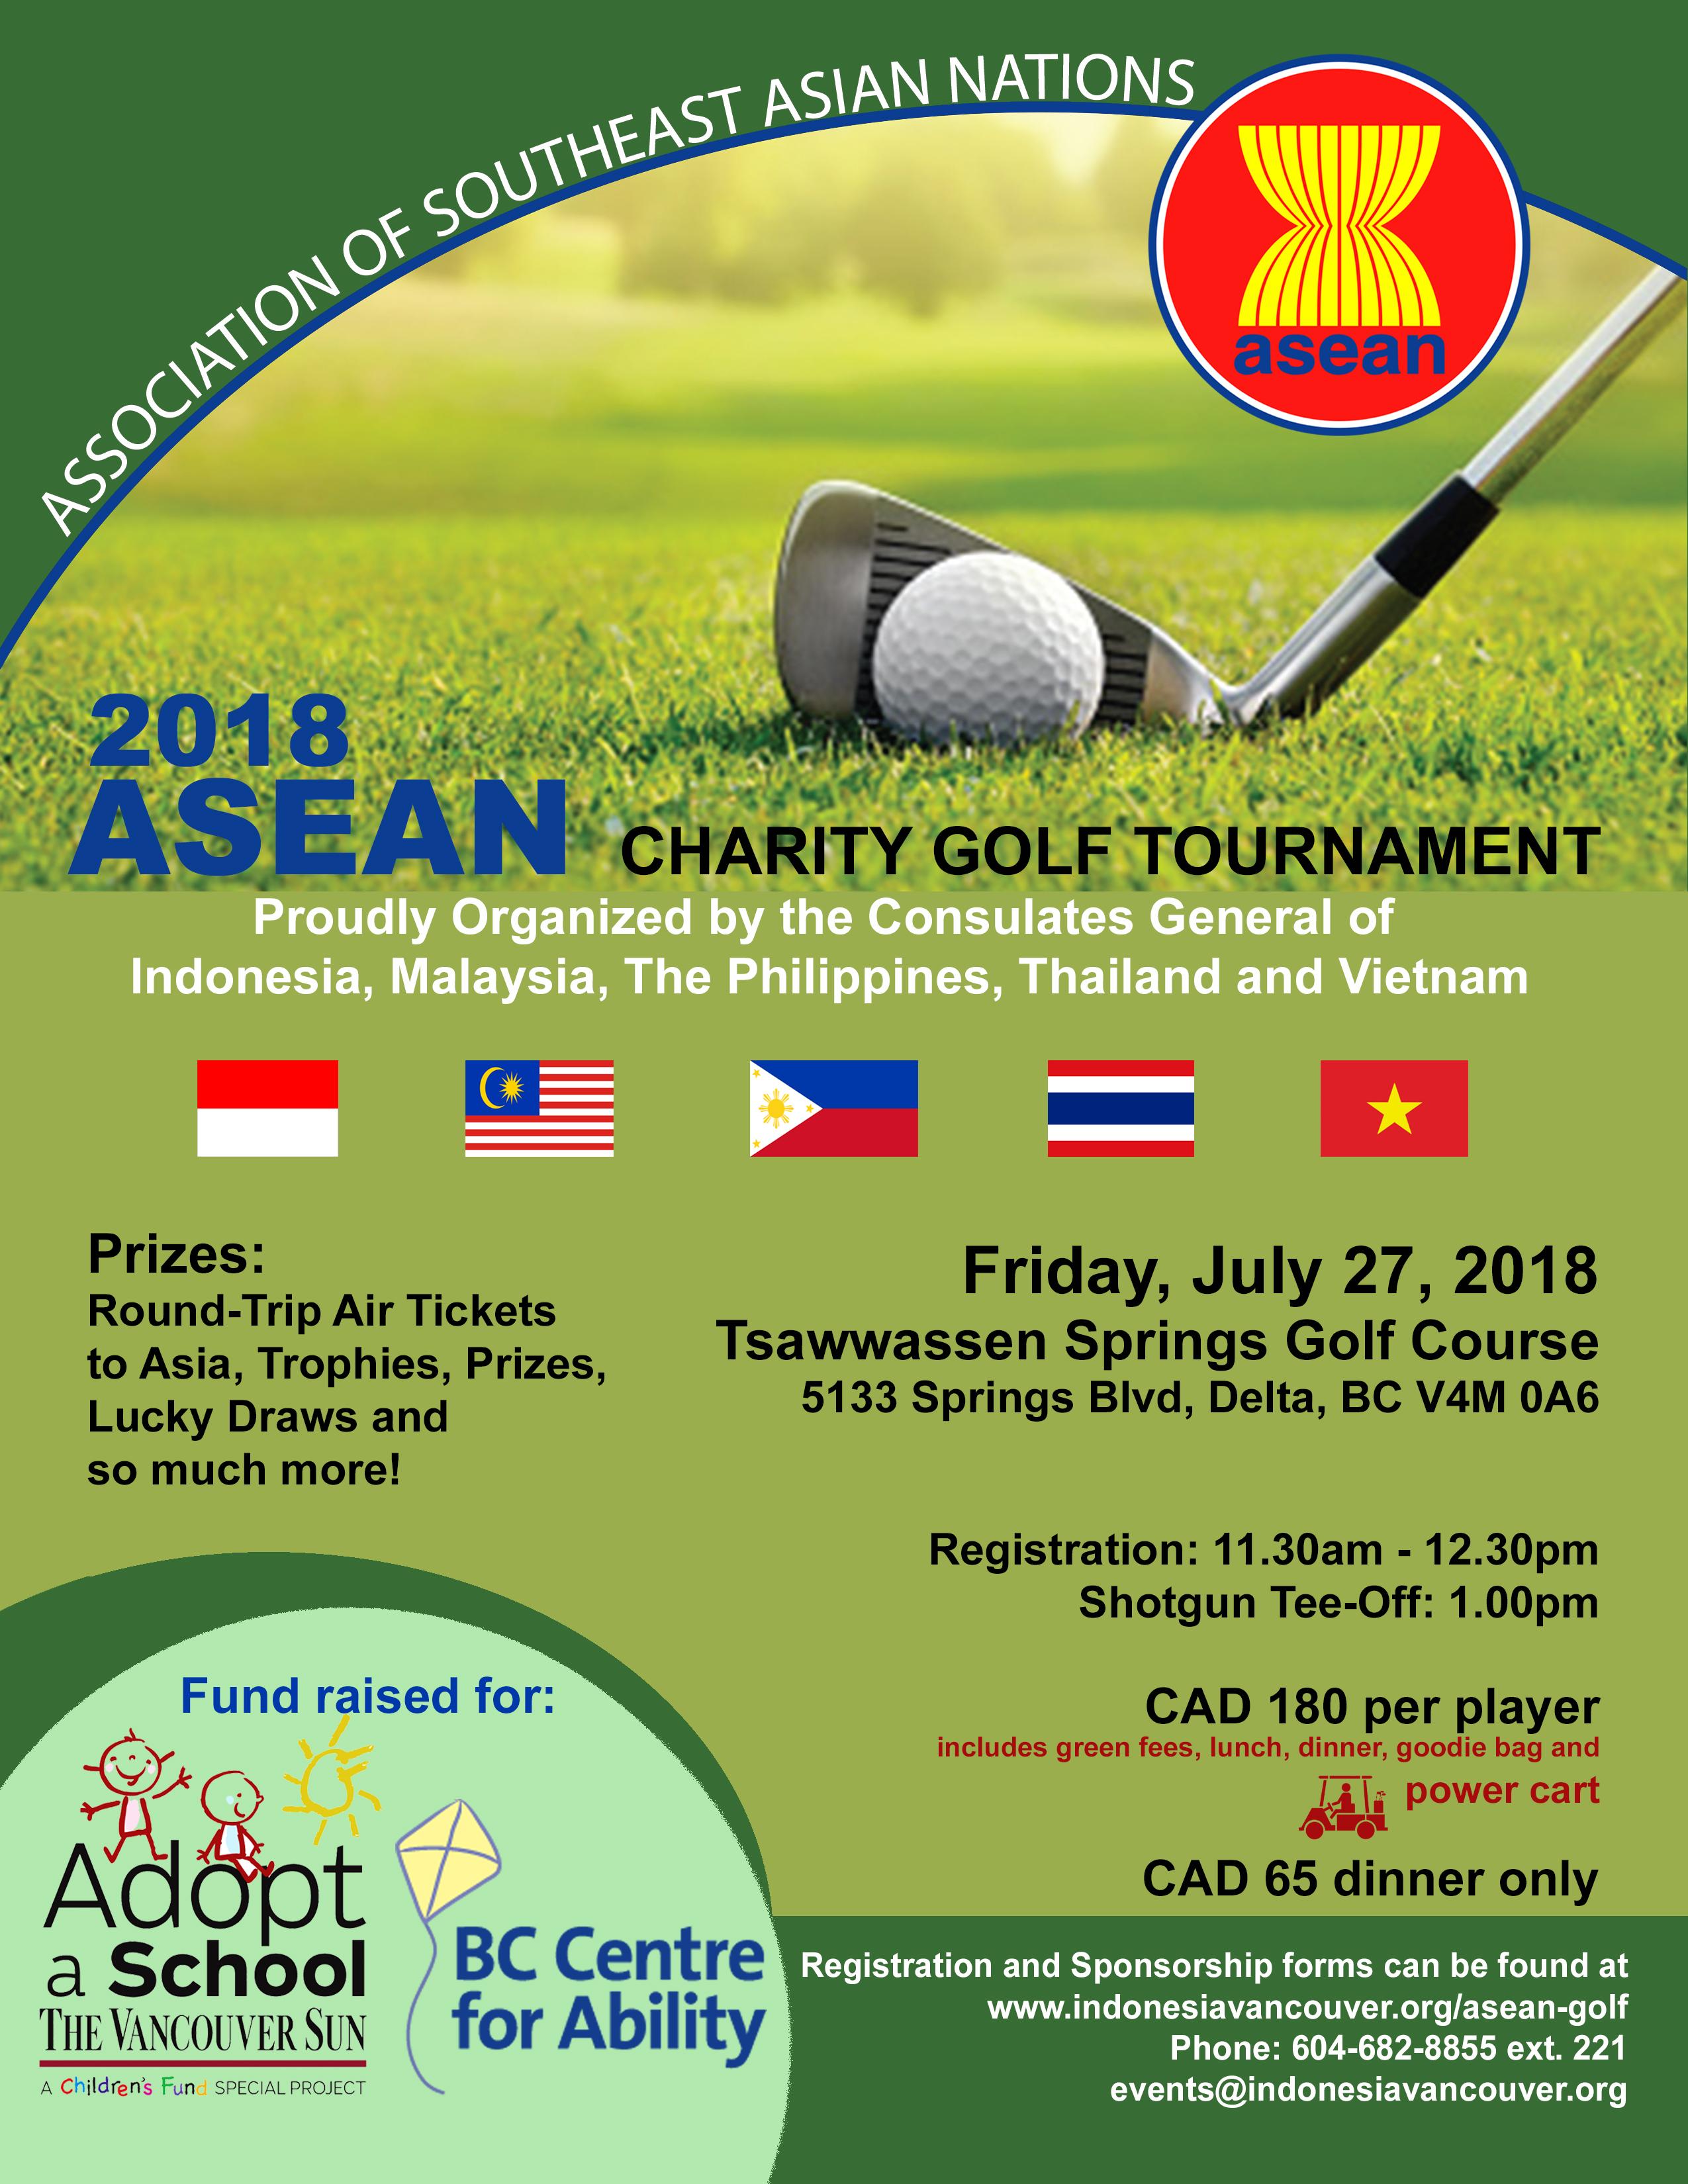 เชิญชวนผู้สนใจเข้าร่วมแข่งขันกอล์ฟในรายการ 2018 ASEAN Charity Golf Tournament (Jul 27)